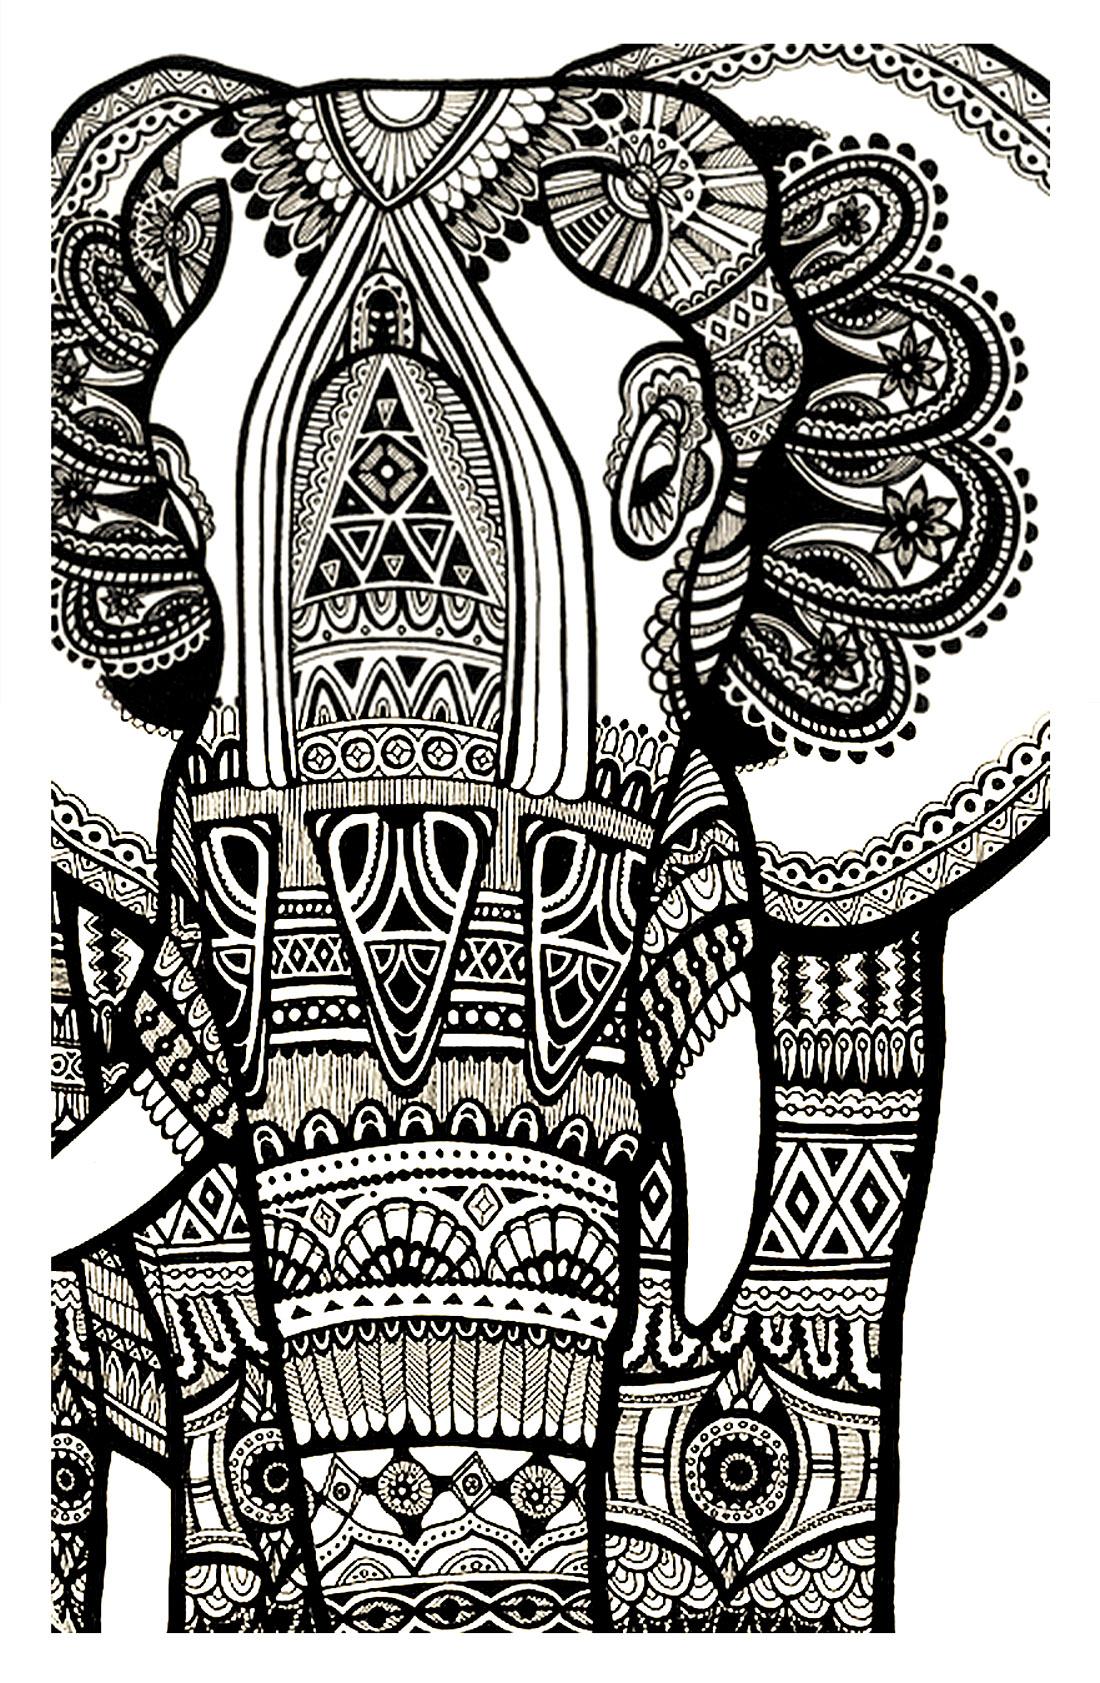 Disegni da colorare per adulti : Elefanti - 3